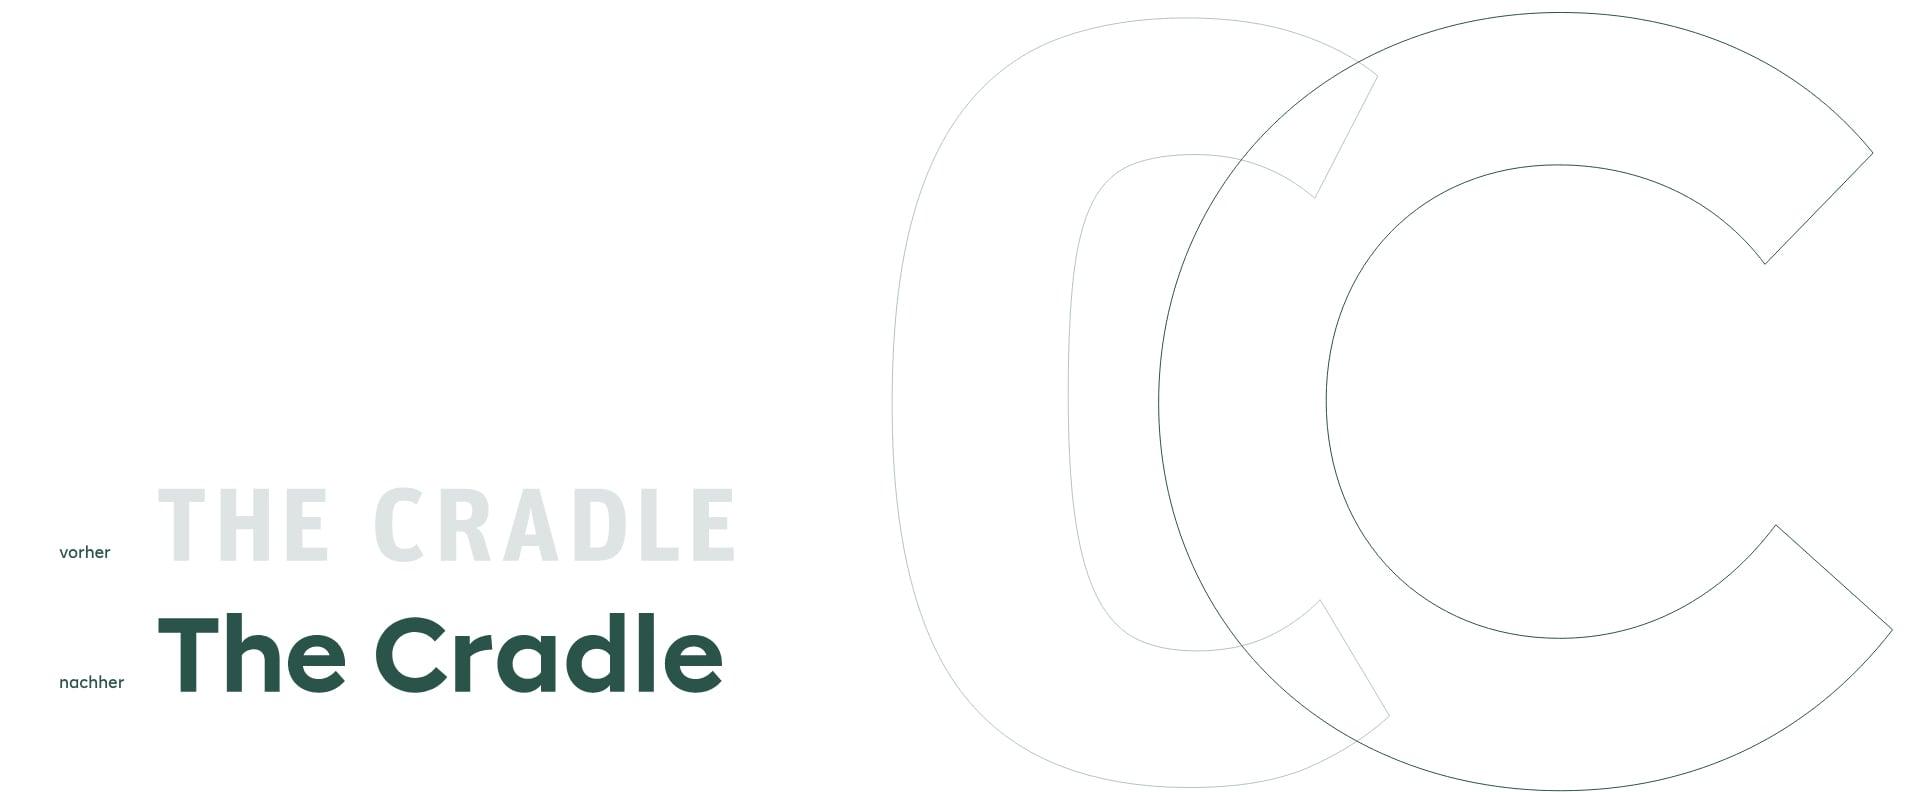 01-thecradle-casestudy